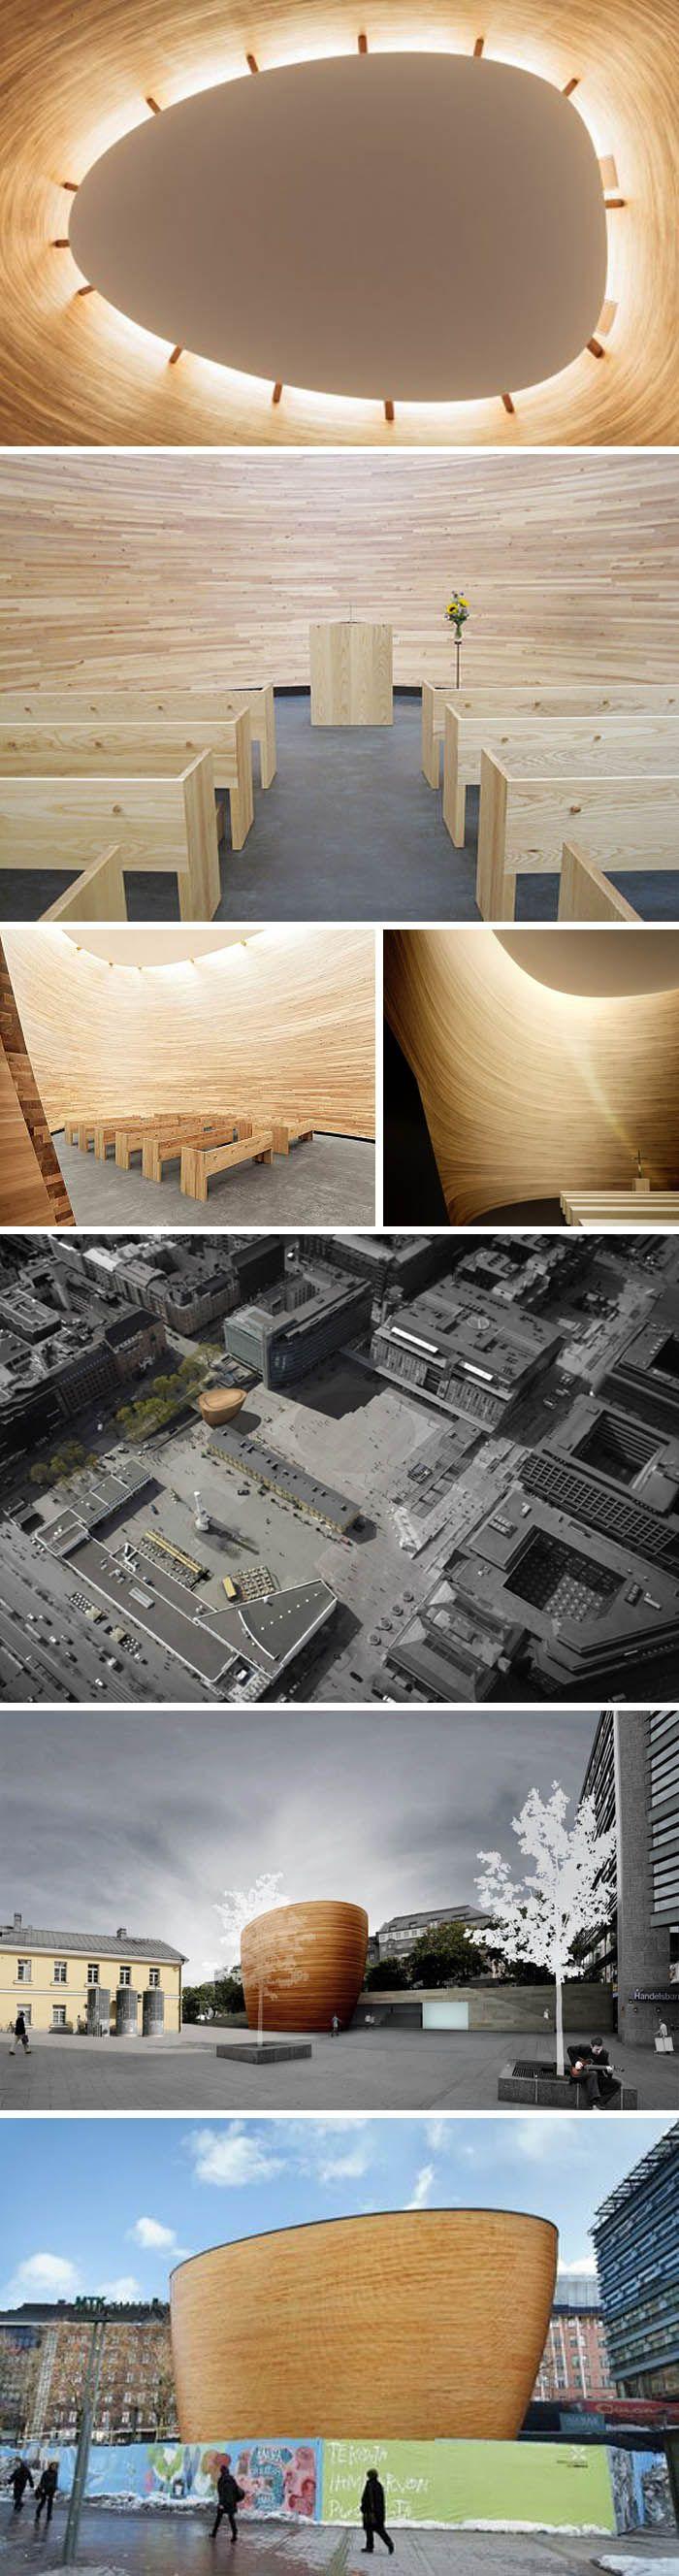 Kamppi Chapel of Silence / Helsinki, Finland / K2S Architects